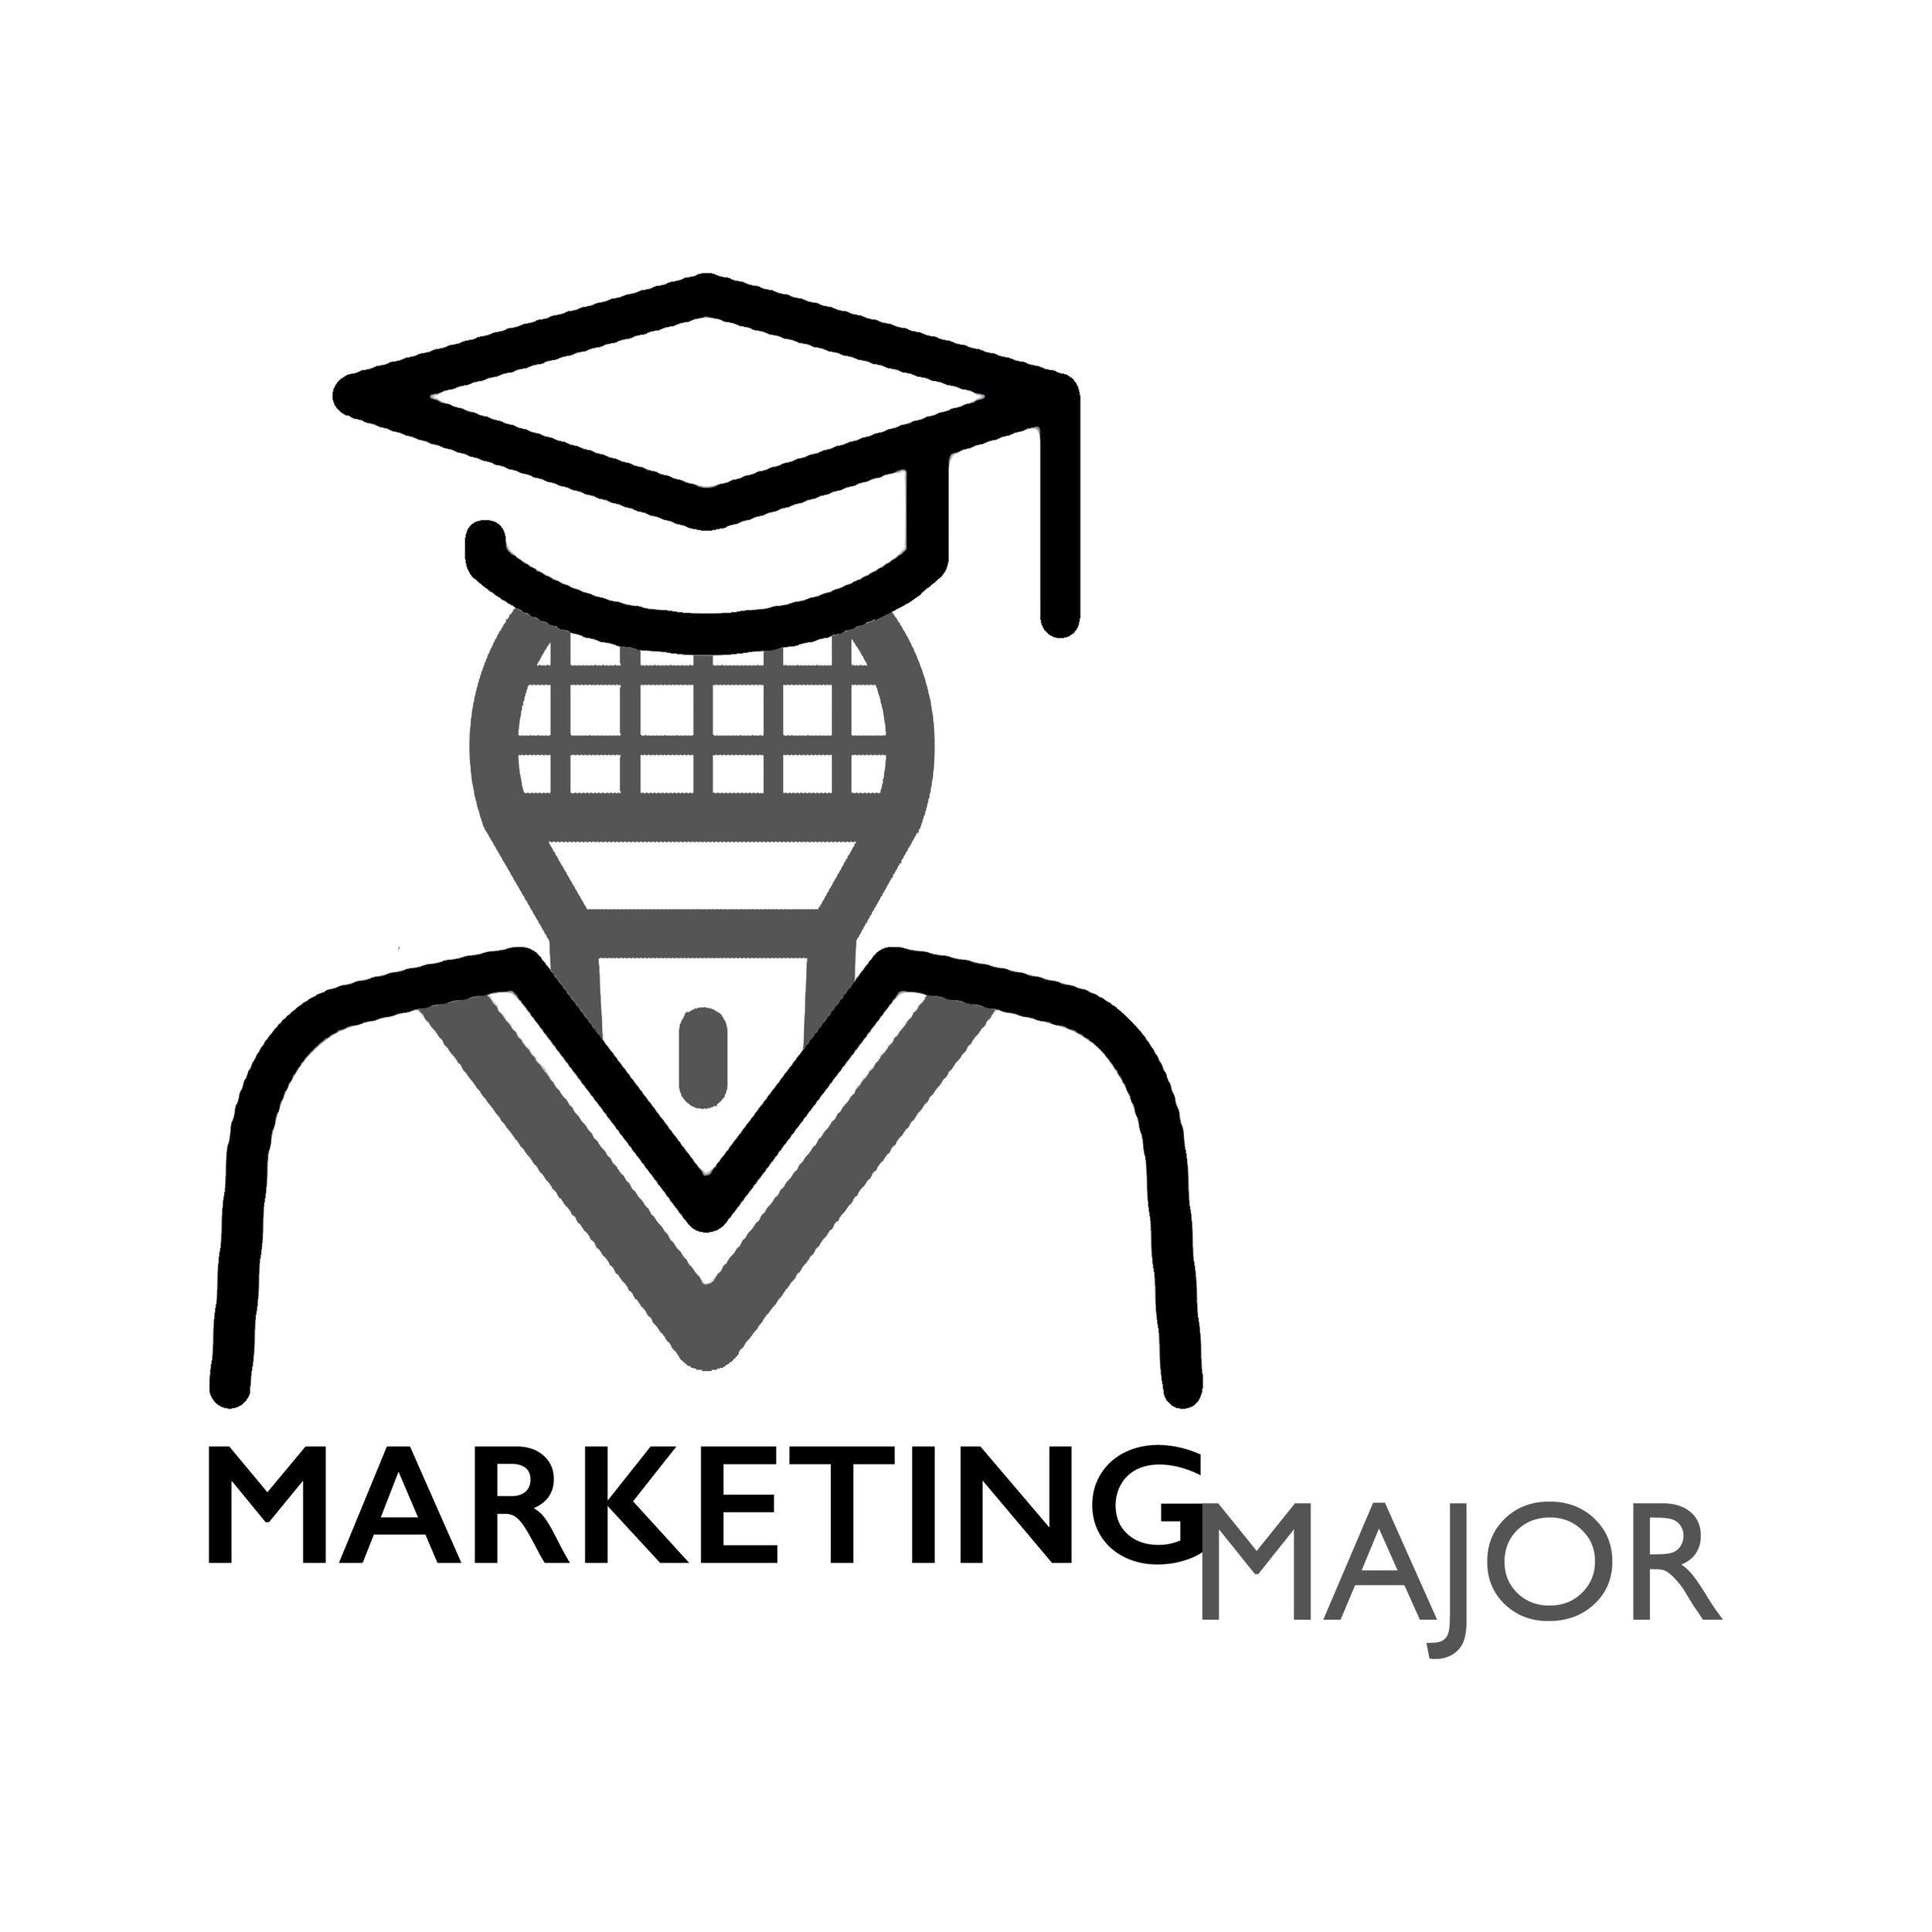 Marketing Major Logo.JPG